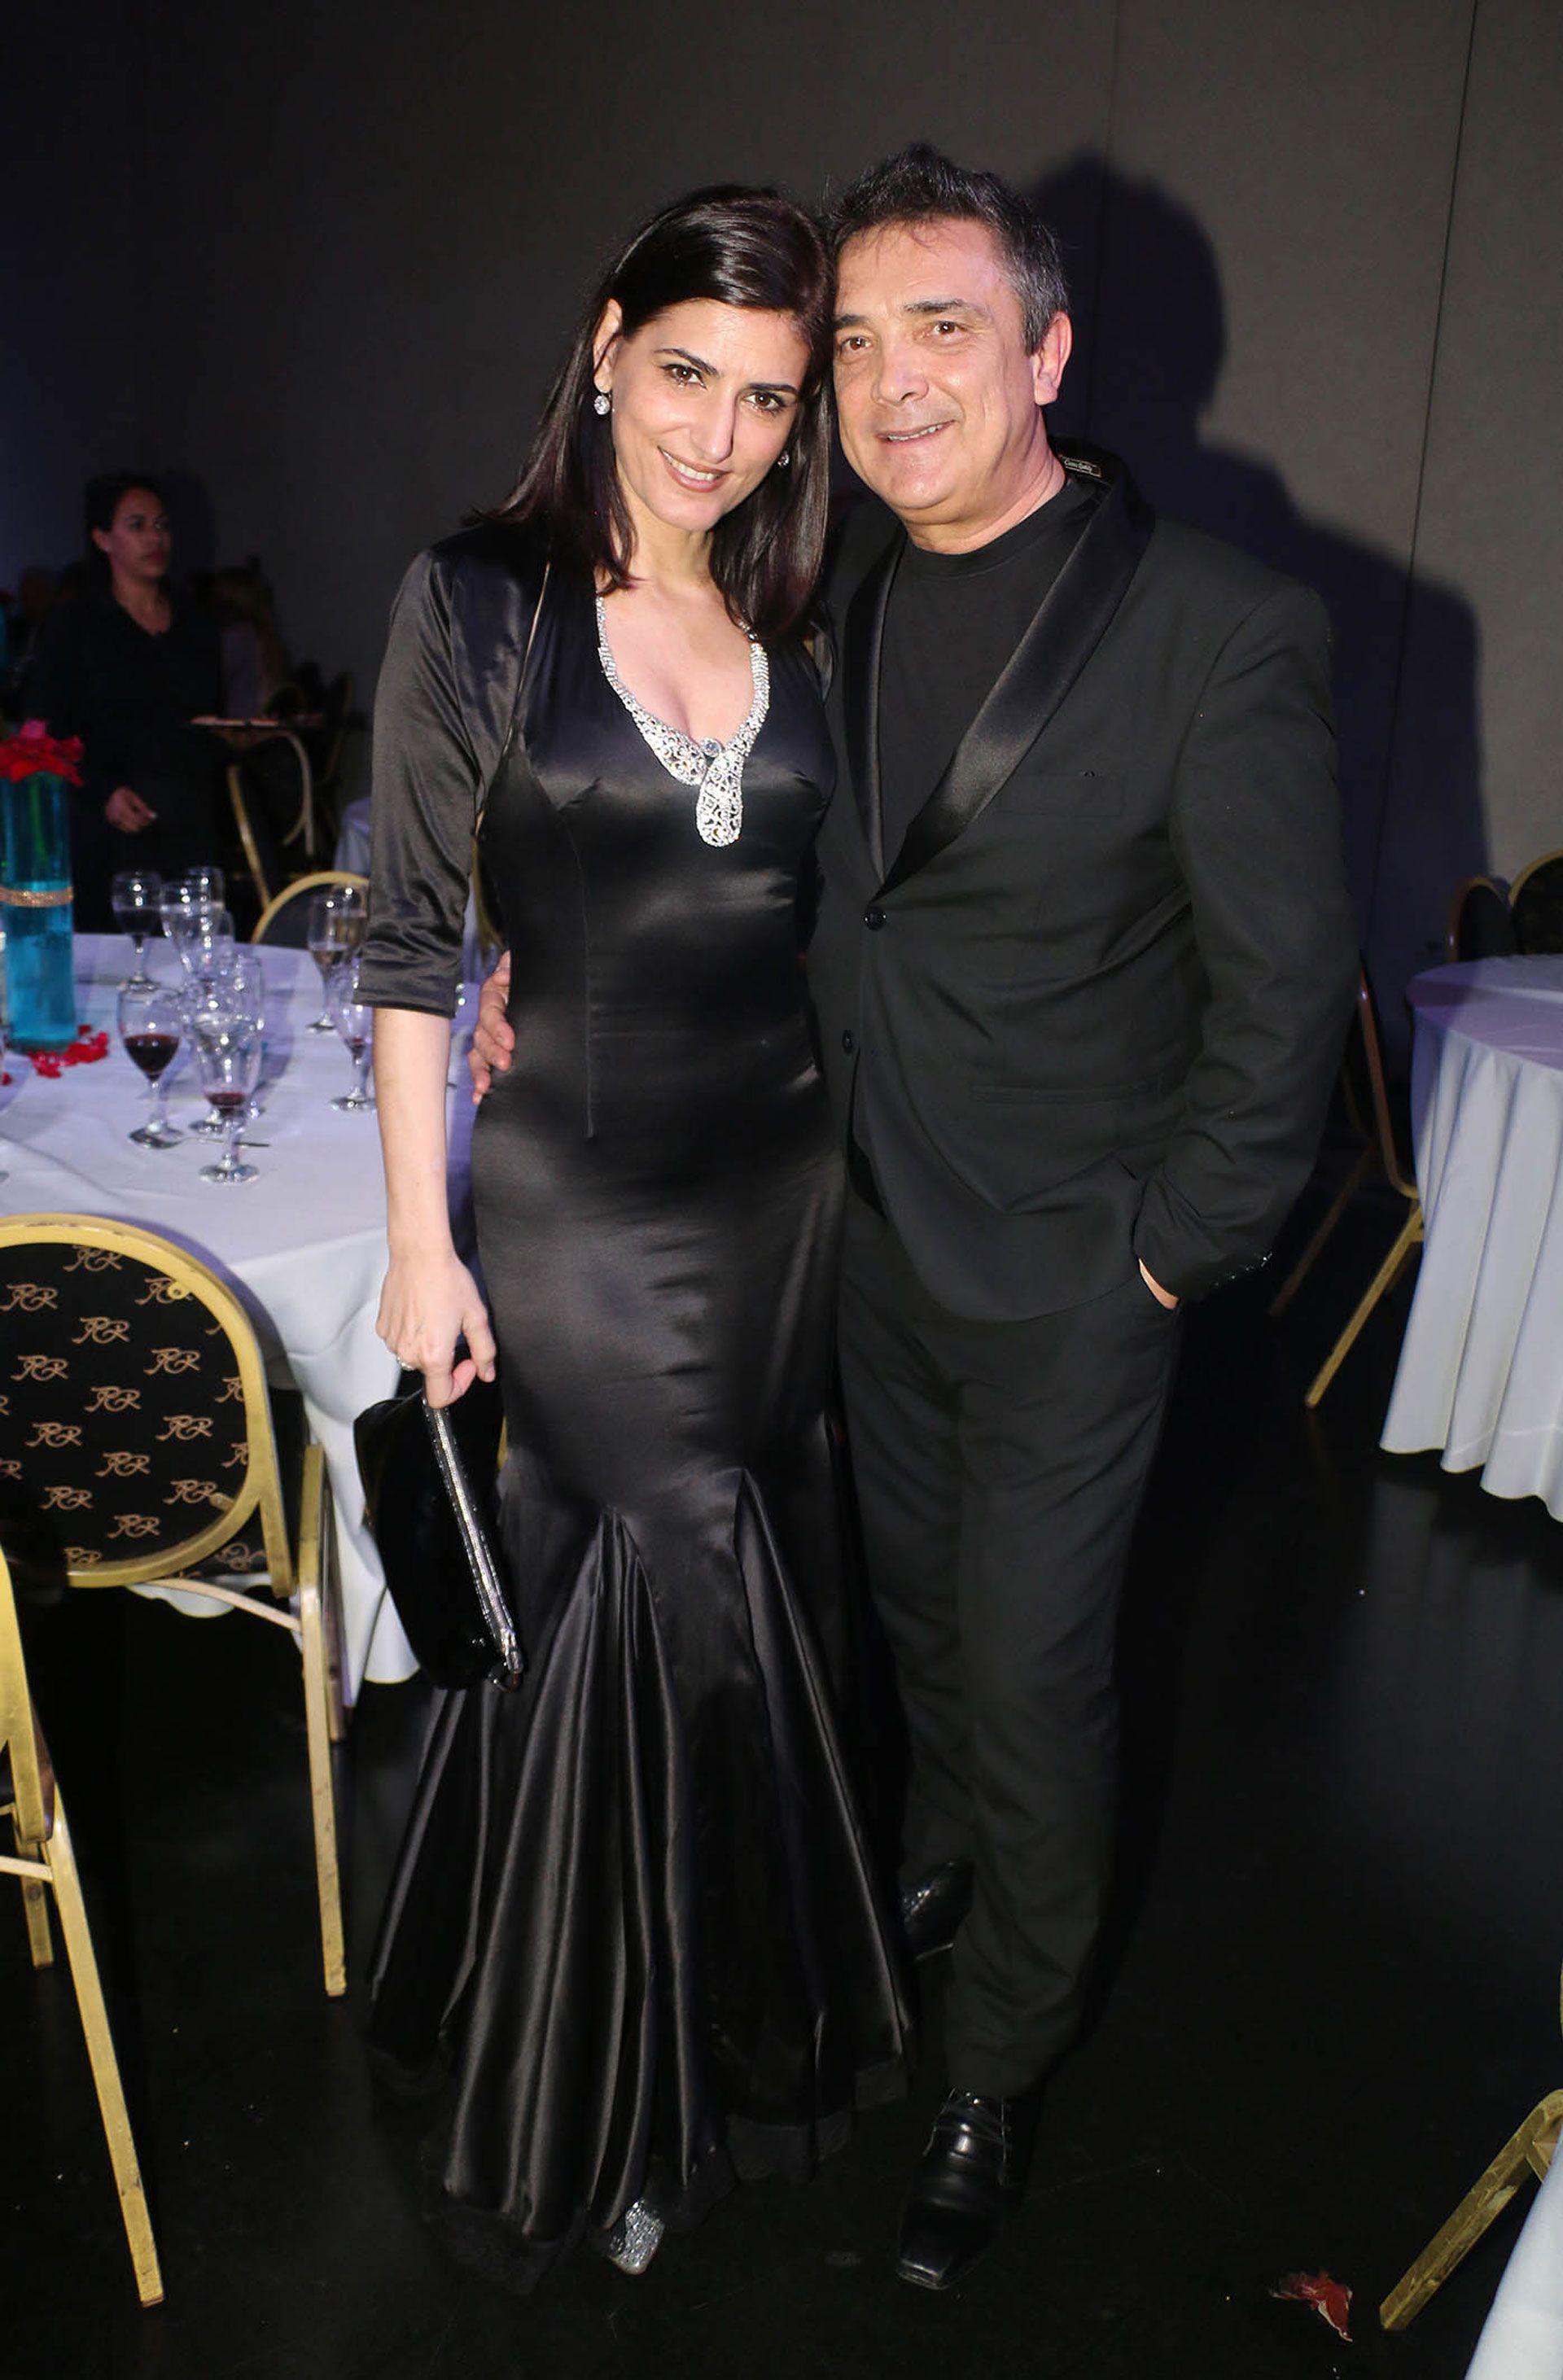 Nito Artaza y Cecilia Milone se conocieron en 1999 y tuvieron una relación de amantes durante 7 años